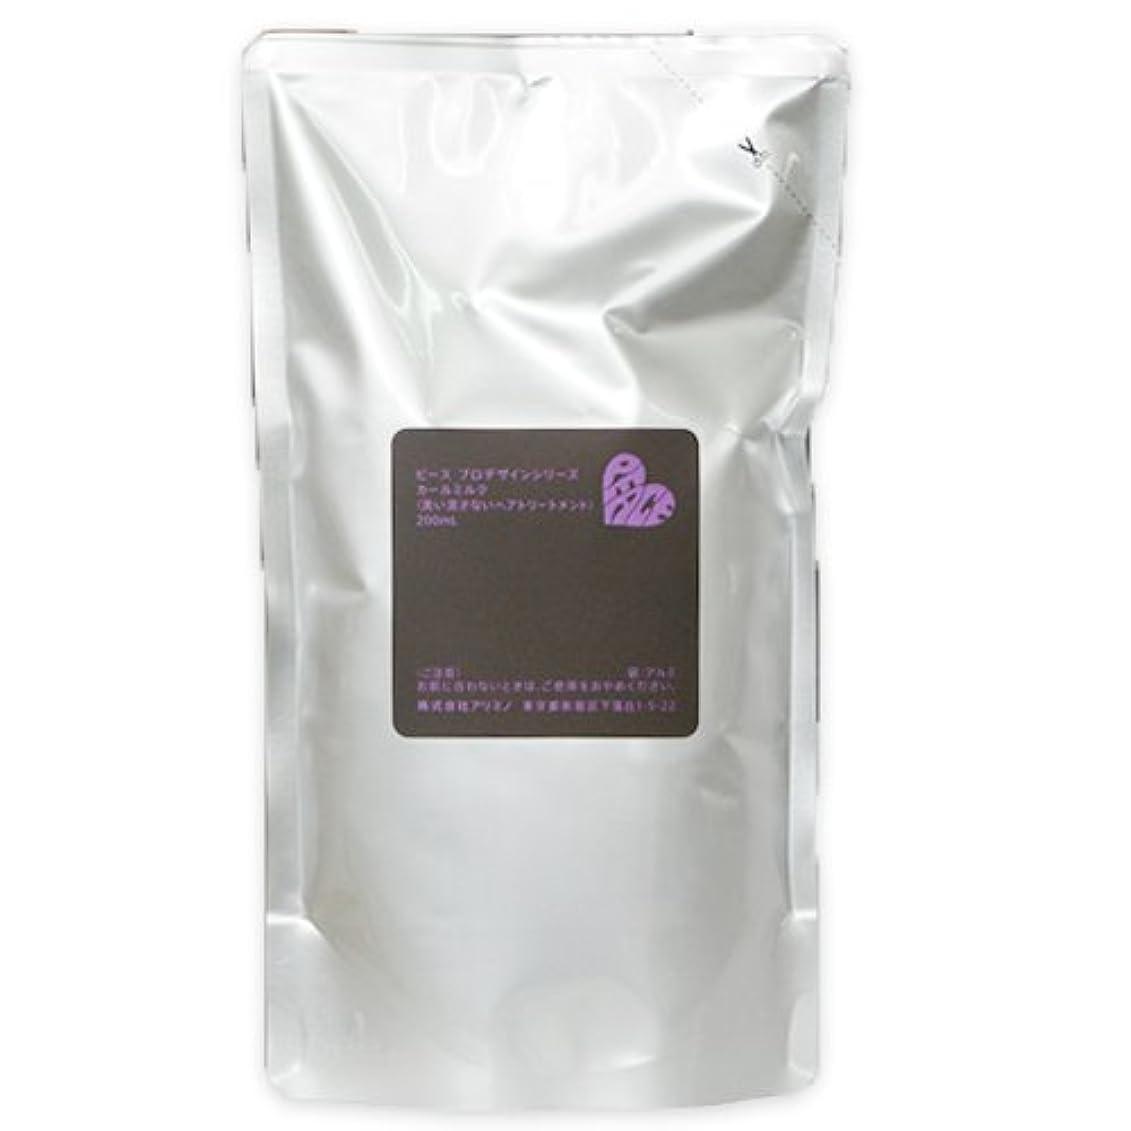 命題統治する種アリミノ ピース カールミルク チョコ 200mL 詰め替え リフィル